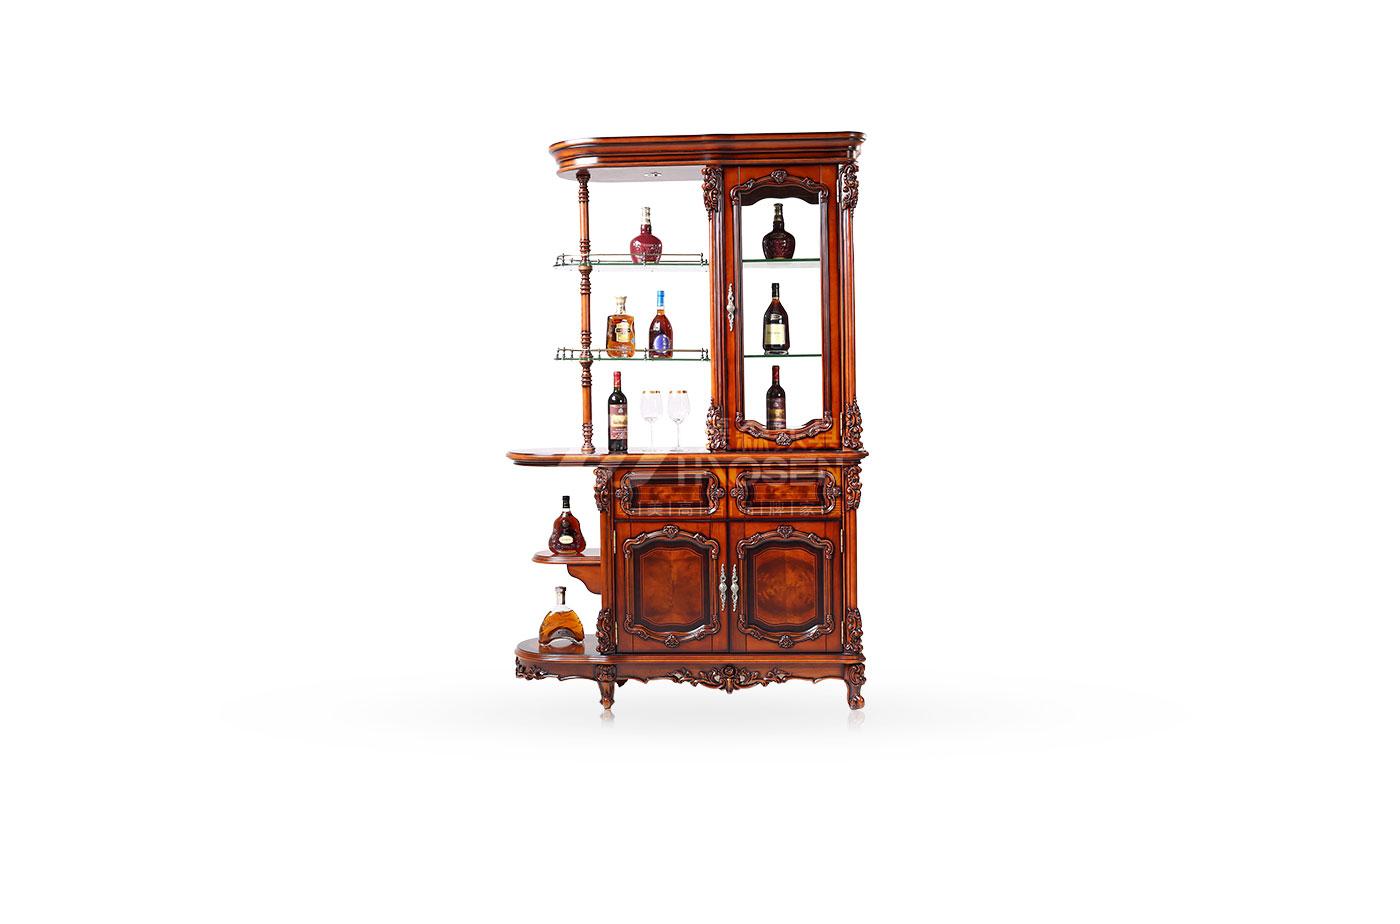 美式古典高档实木隔断储存收纳间厅柜